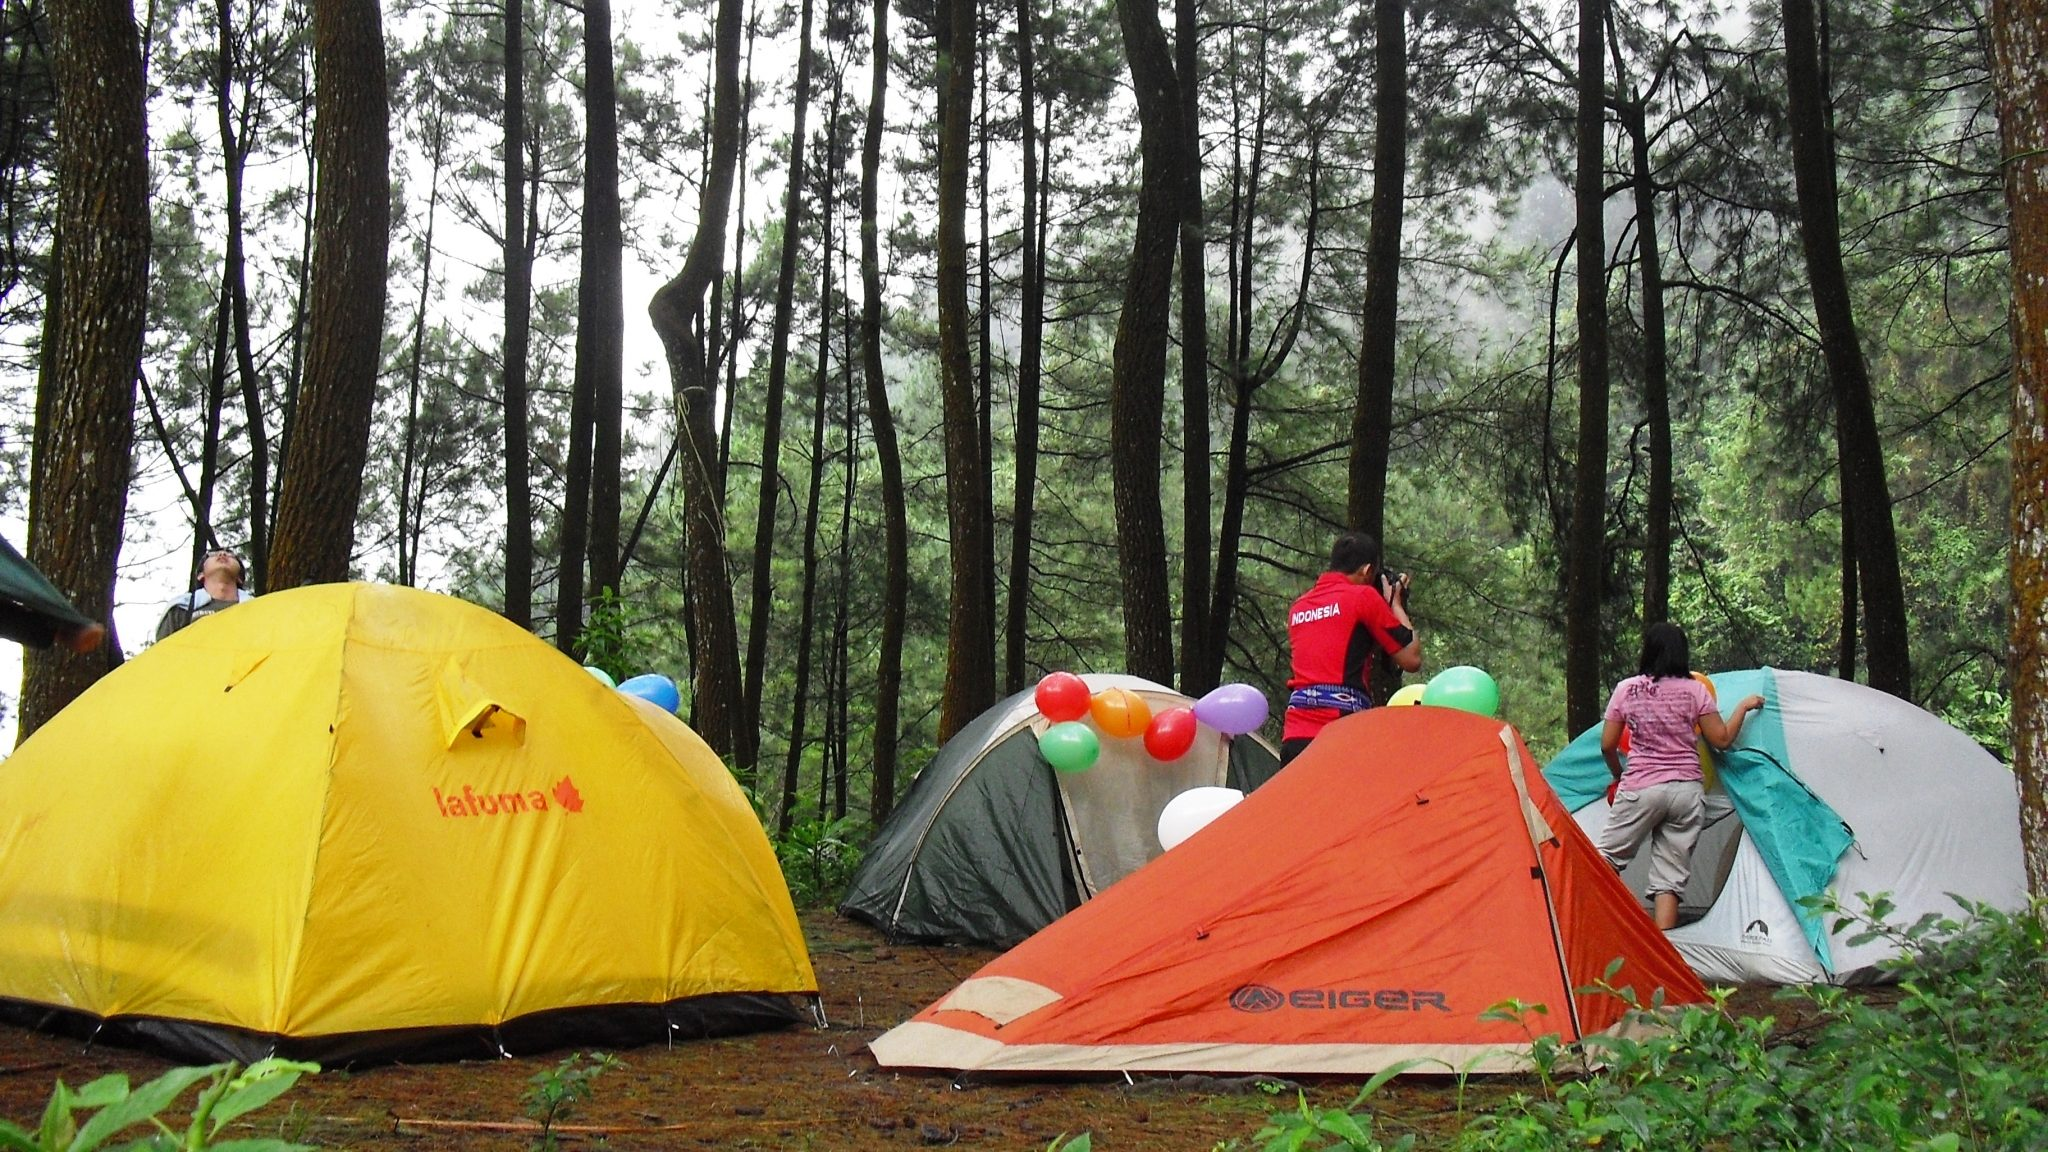 Lima Tempat Berkemah Kabupaten Bogor Menghabiskan Liburan Menjalin Keakraban Penangkaran